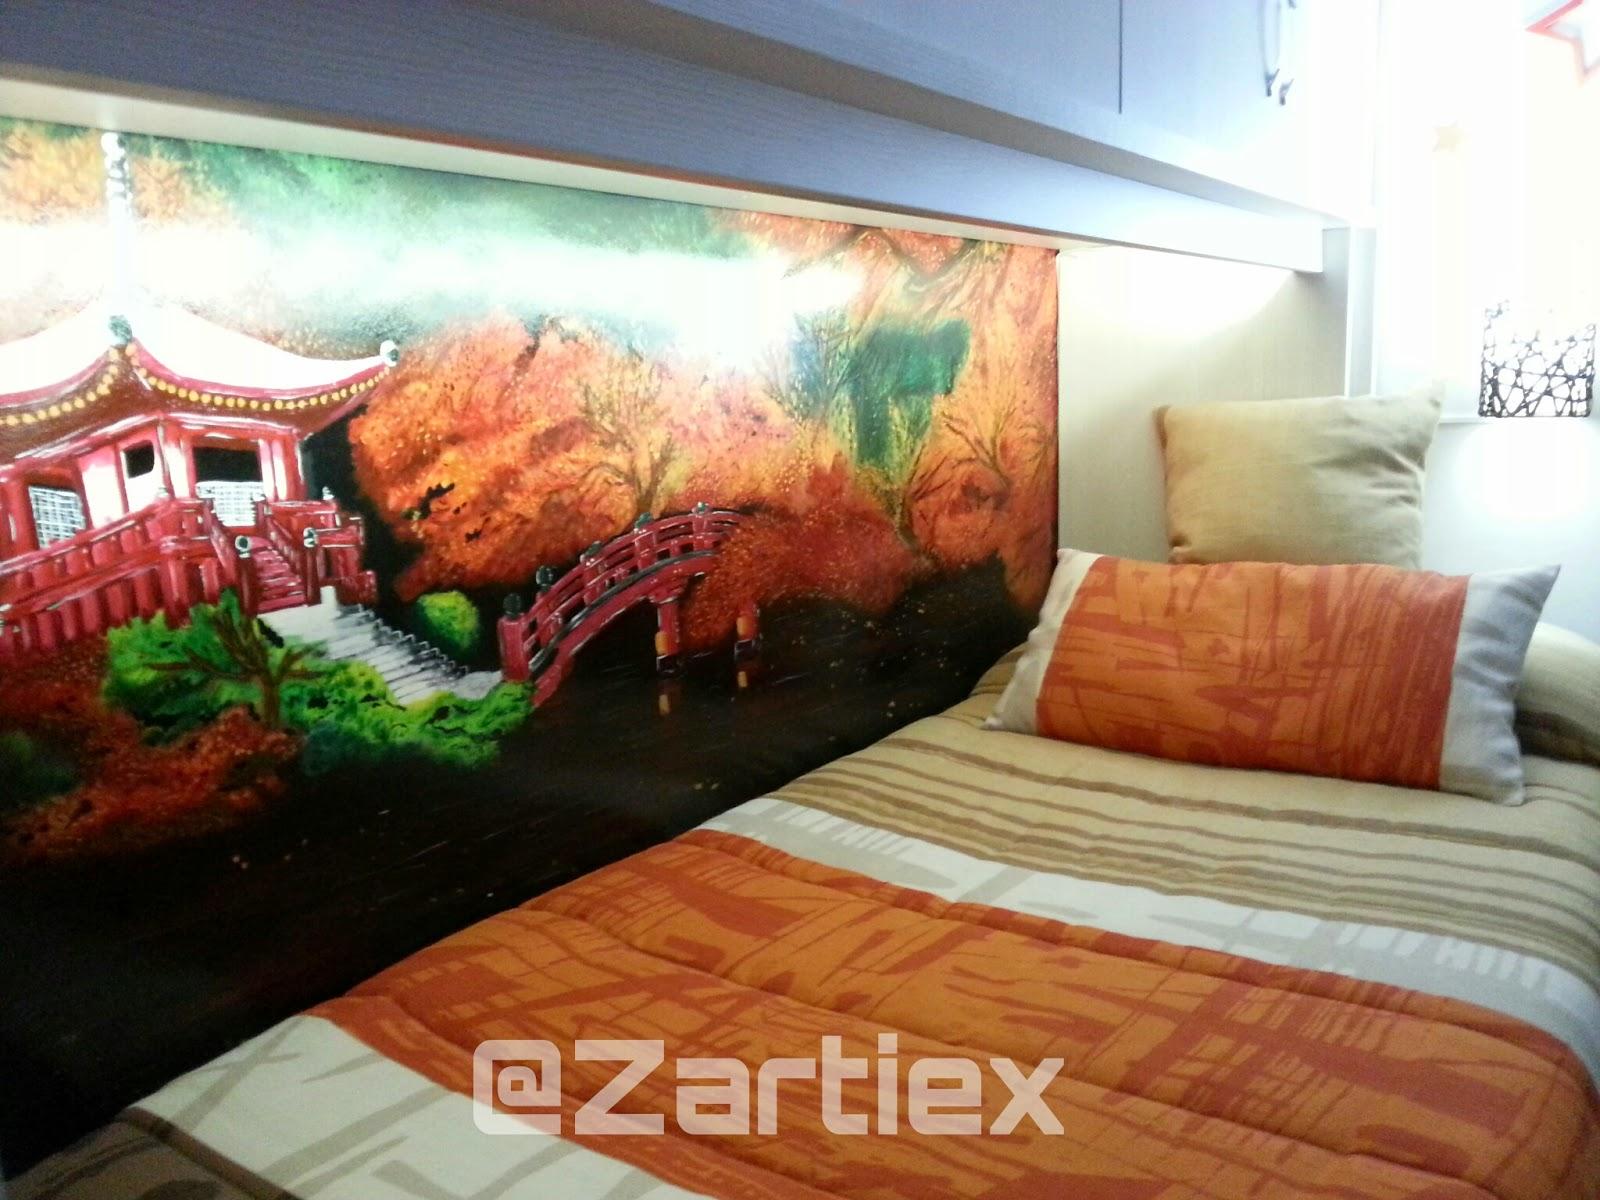 Decorar y pintar mi cuarto o mi habitacion con murales de Graffitis ...